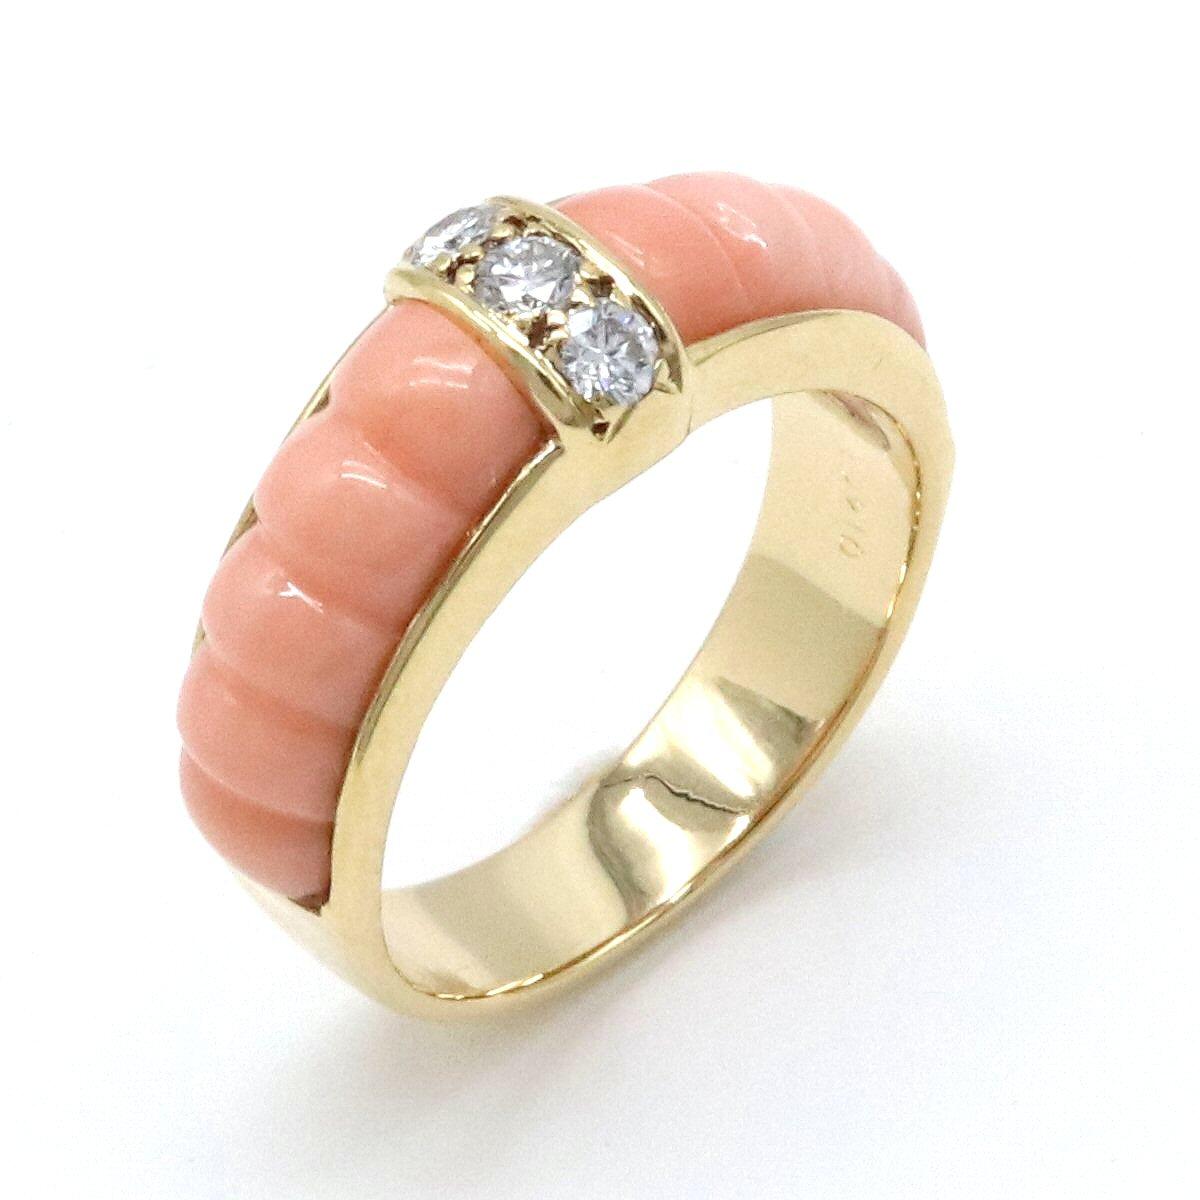 【ジュエリー】【メーカー仕上げ済】Van Cleef & Arpels ヴァン クリーフ & アーペル VCA サンゴ リング リング K18 ダイヤモンド ヴァンクリ #9 49 【中古】